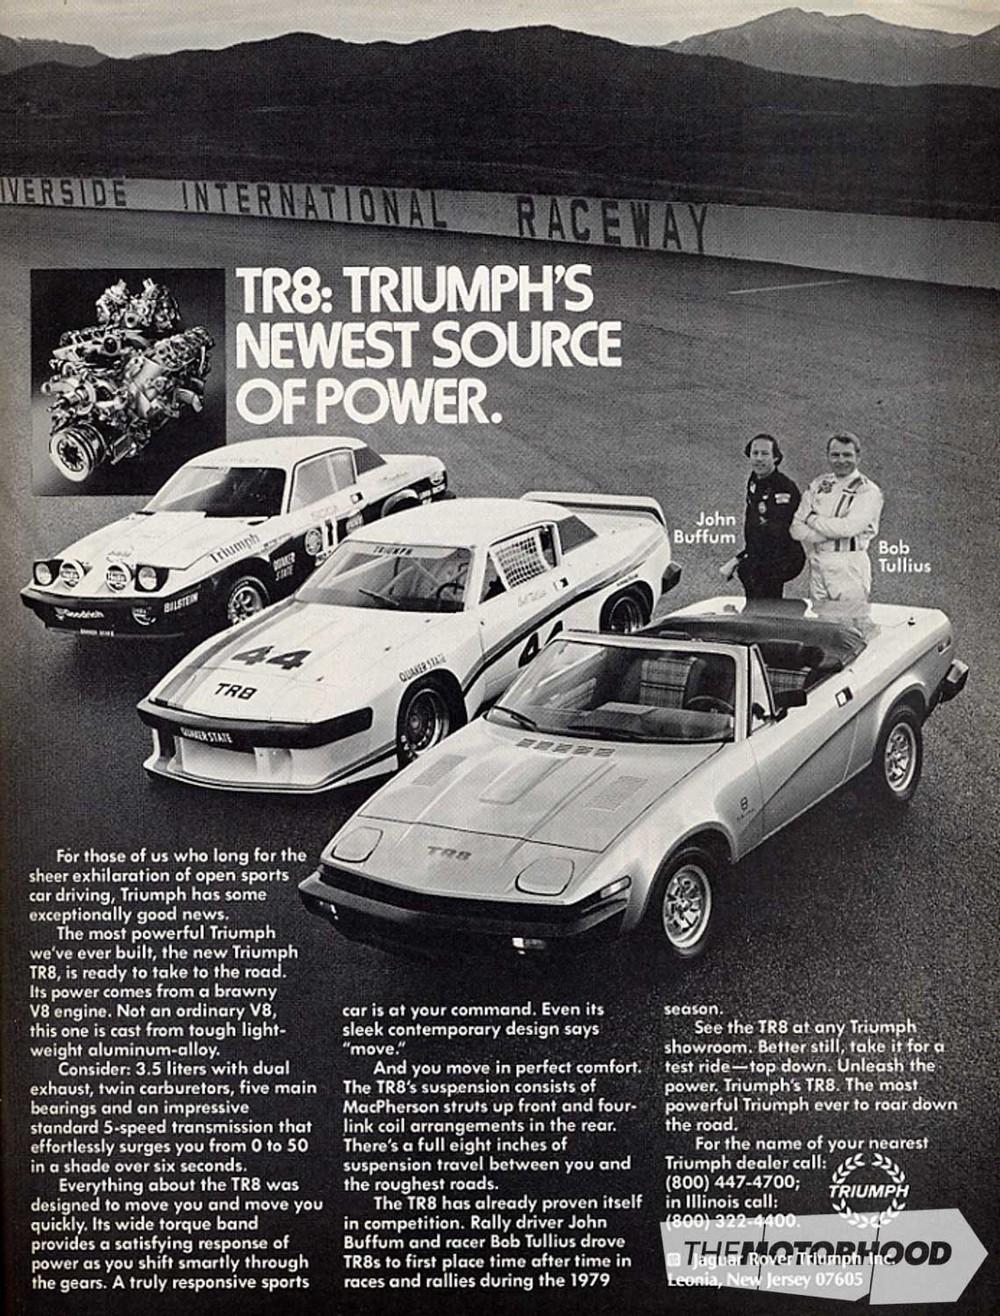 ad_triumph_tr8_bw_raceway_1980.jpg